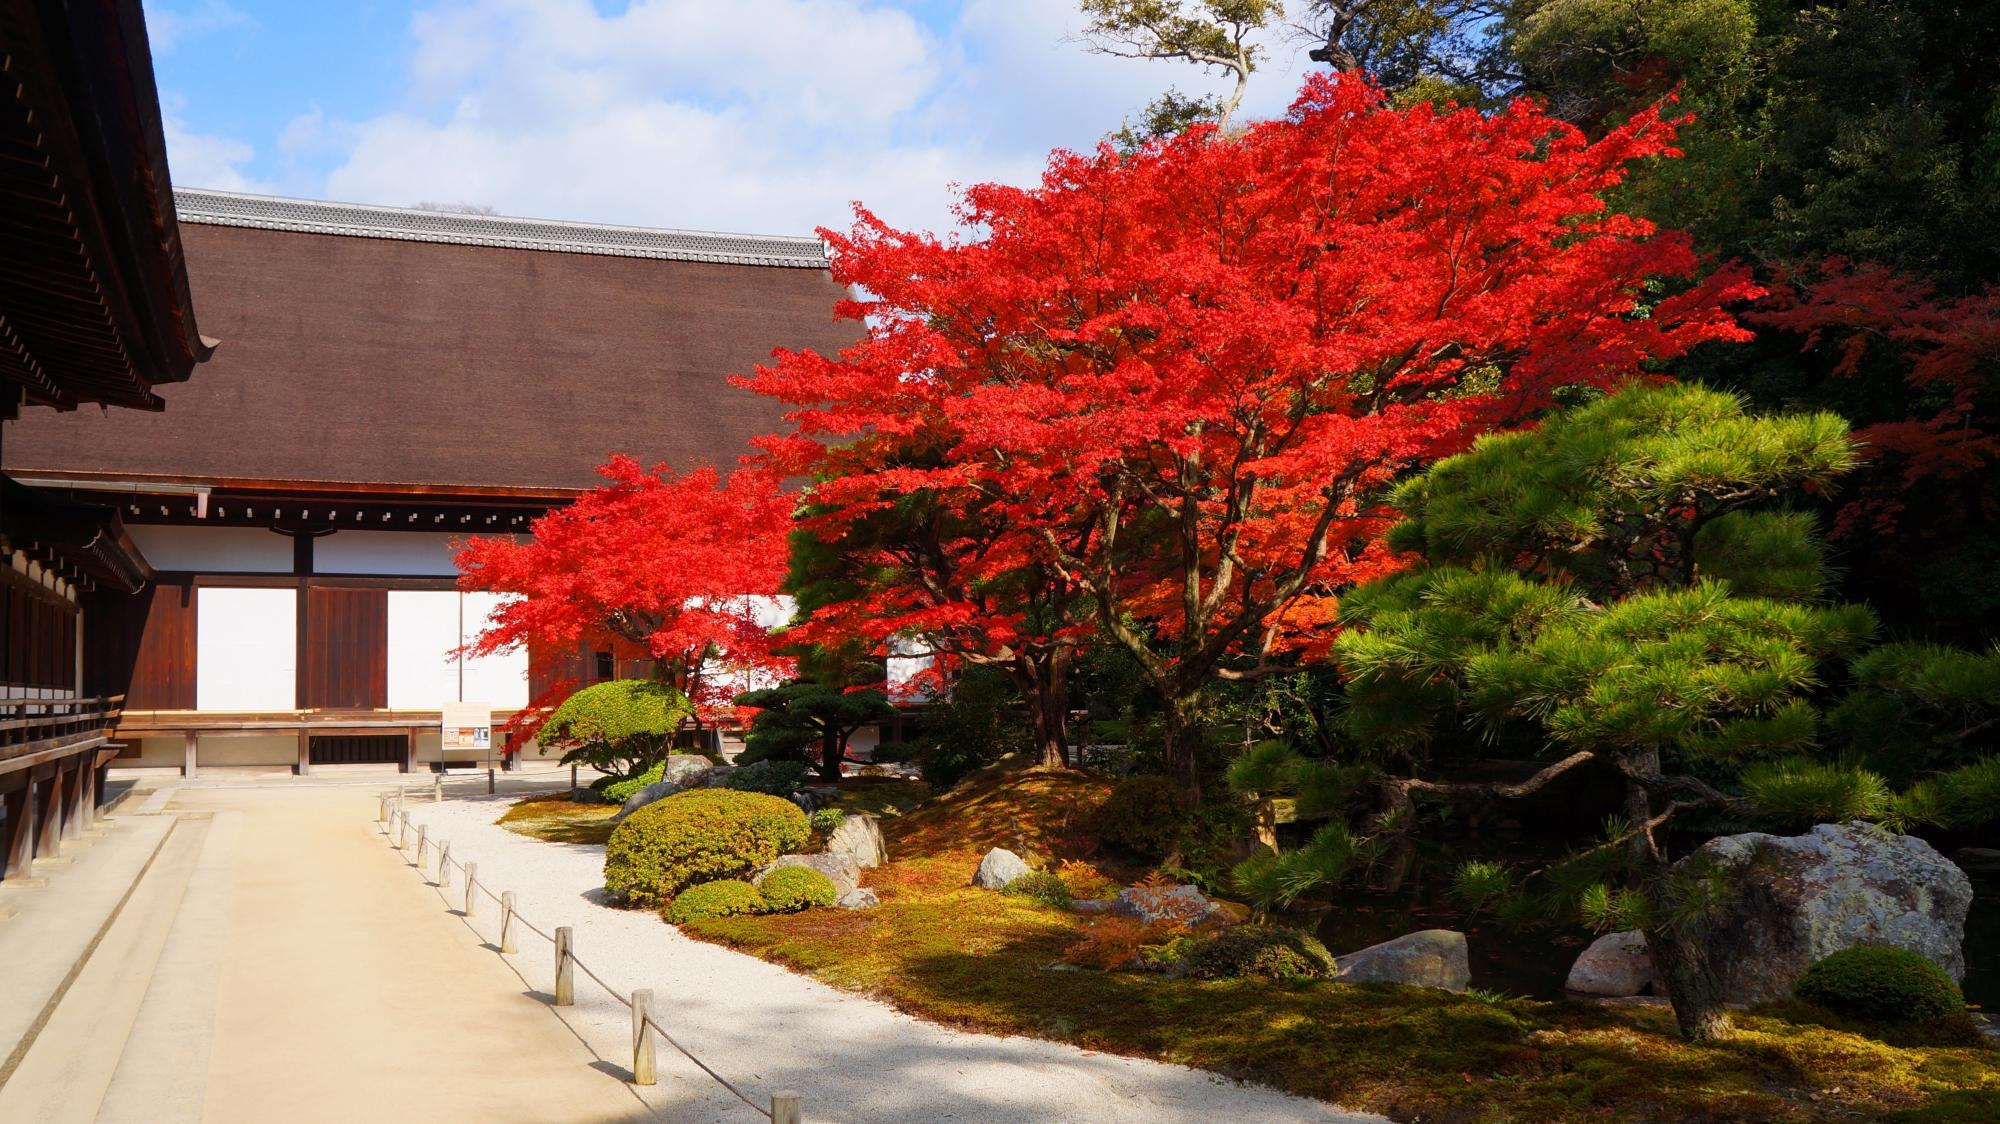 知恩院の大方丈東側の庭園の凄すぎる燃えるような真赤な紅葉